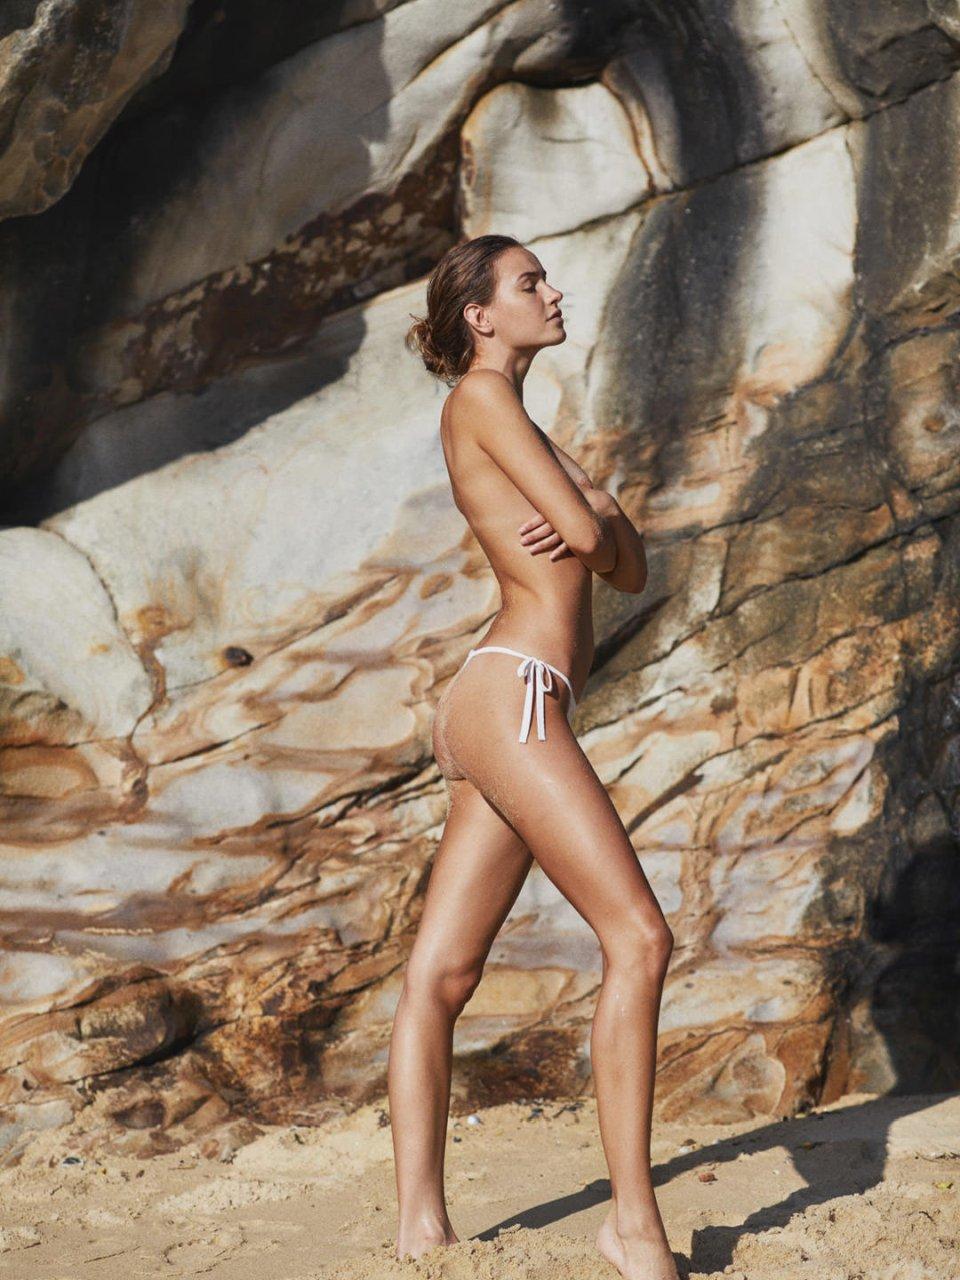 naked (54 photo), Boobs Celebrites image